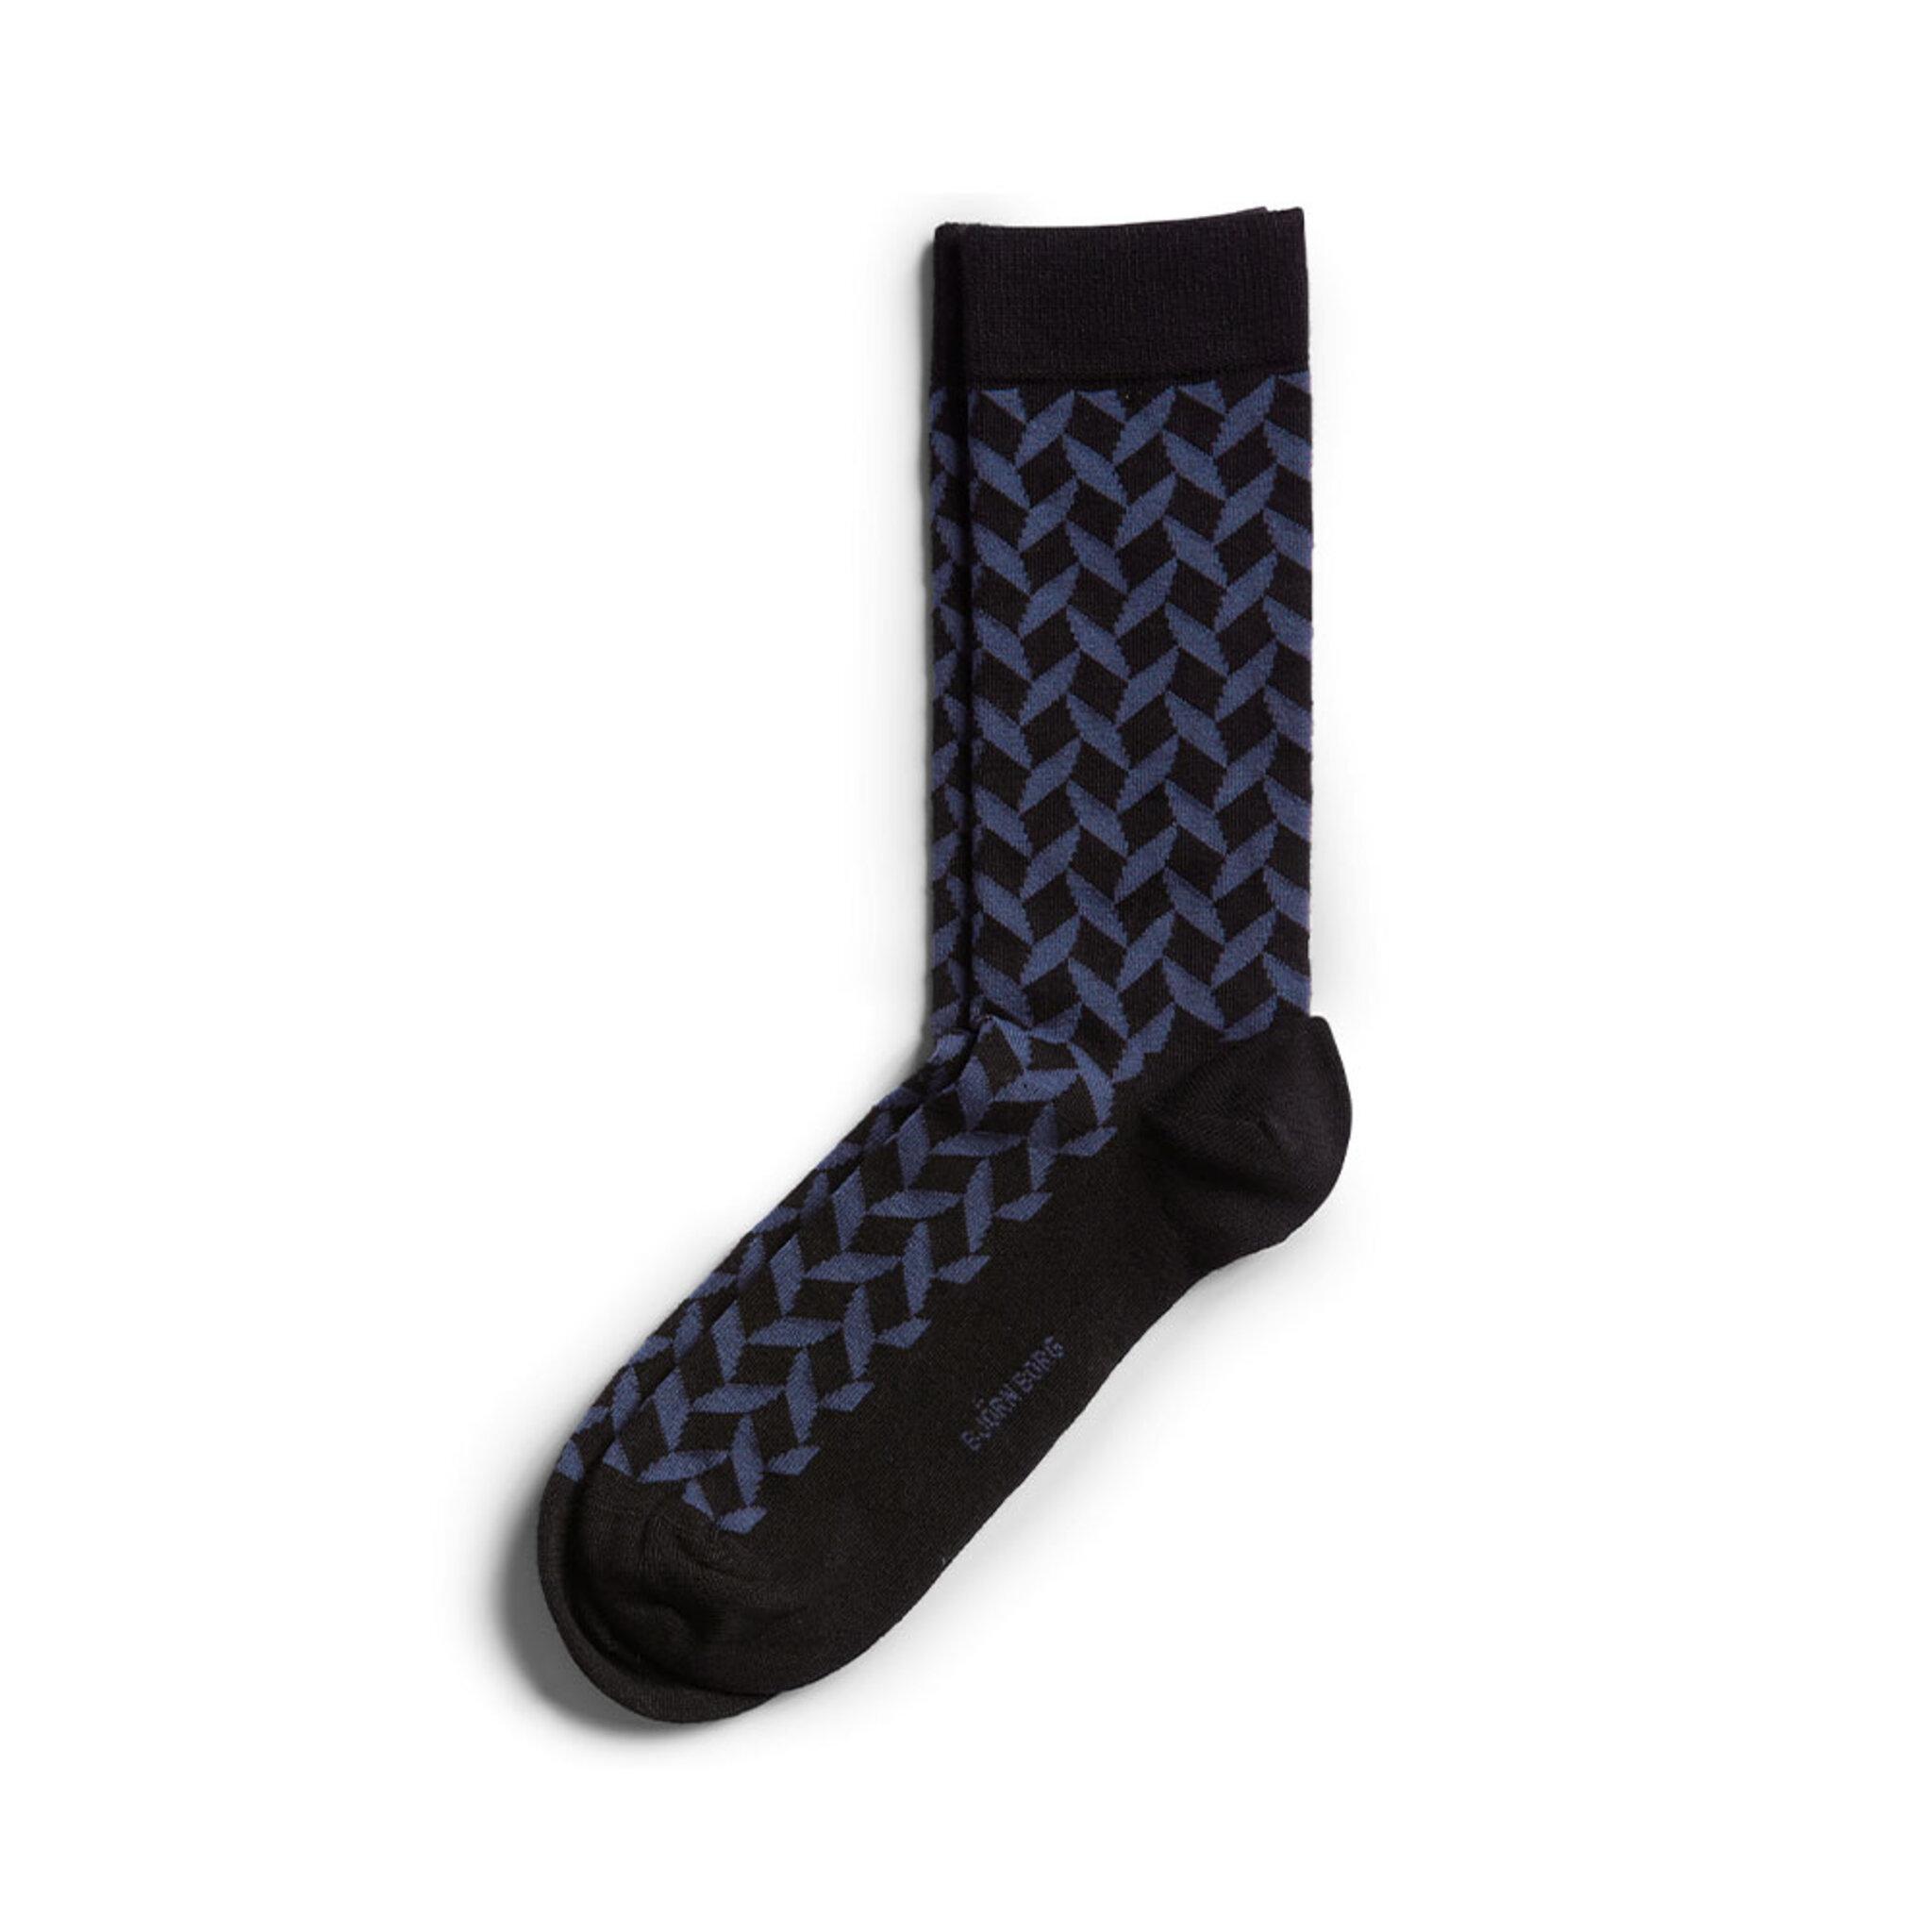 Square Socks